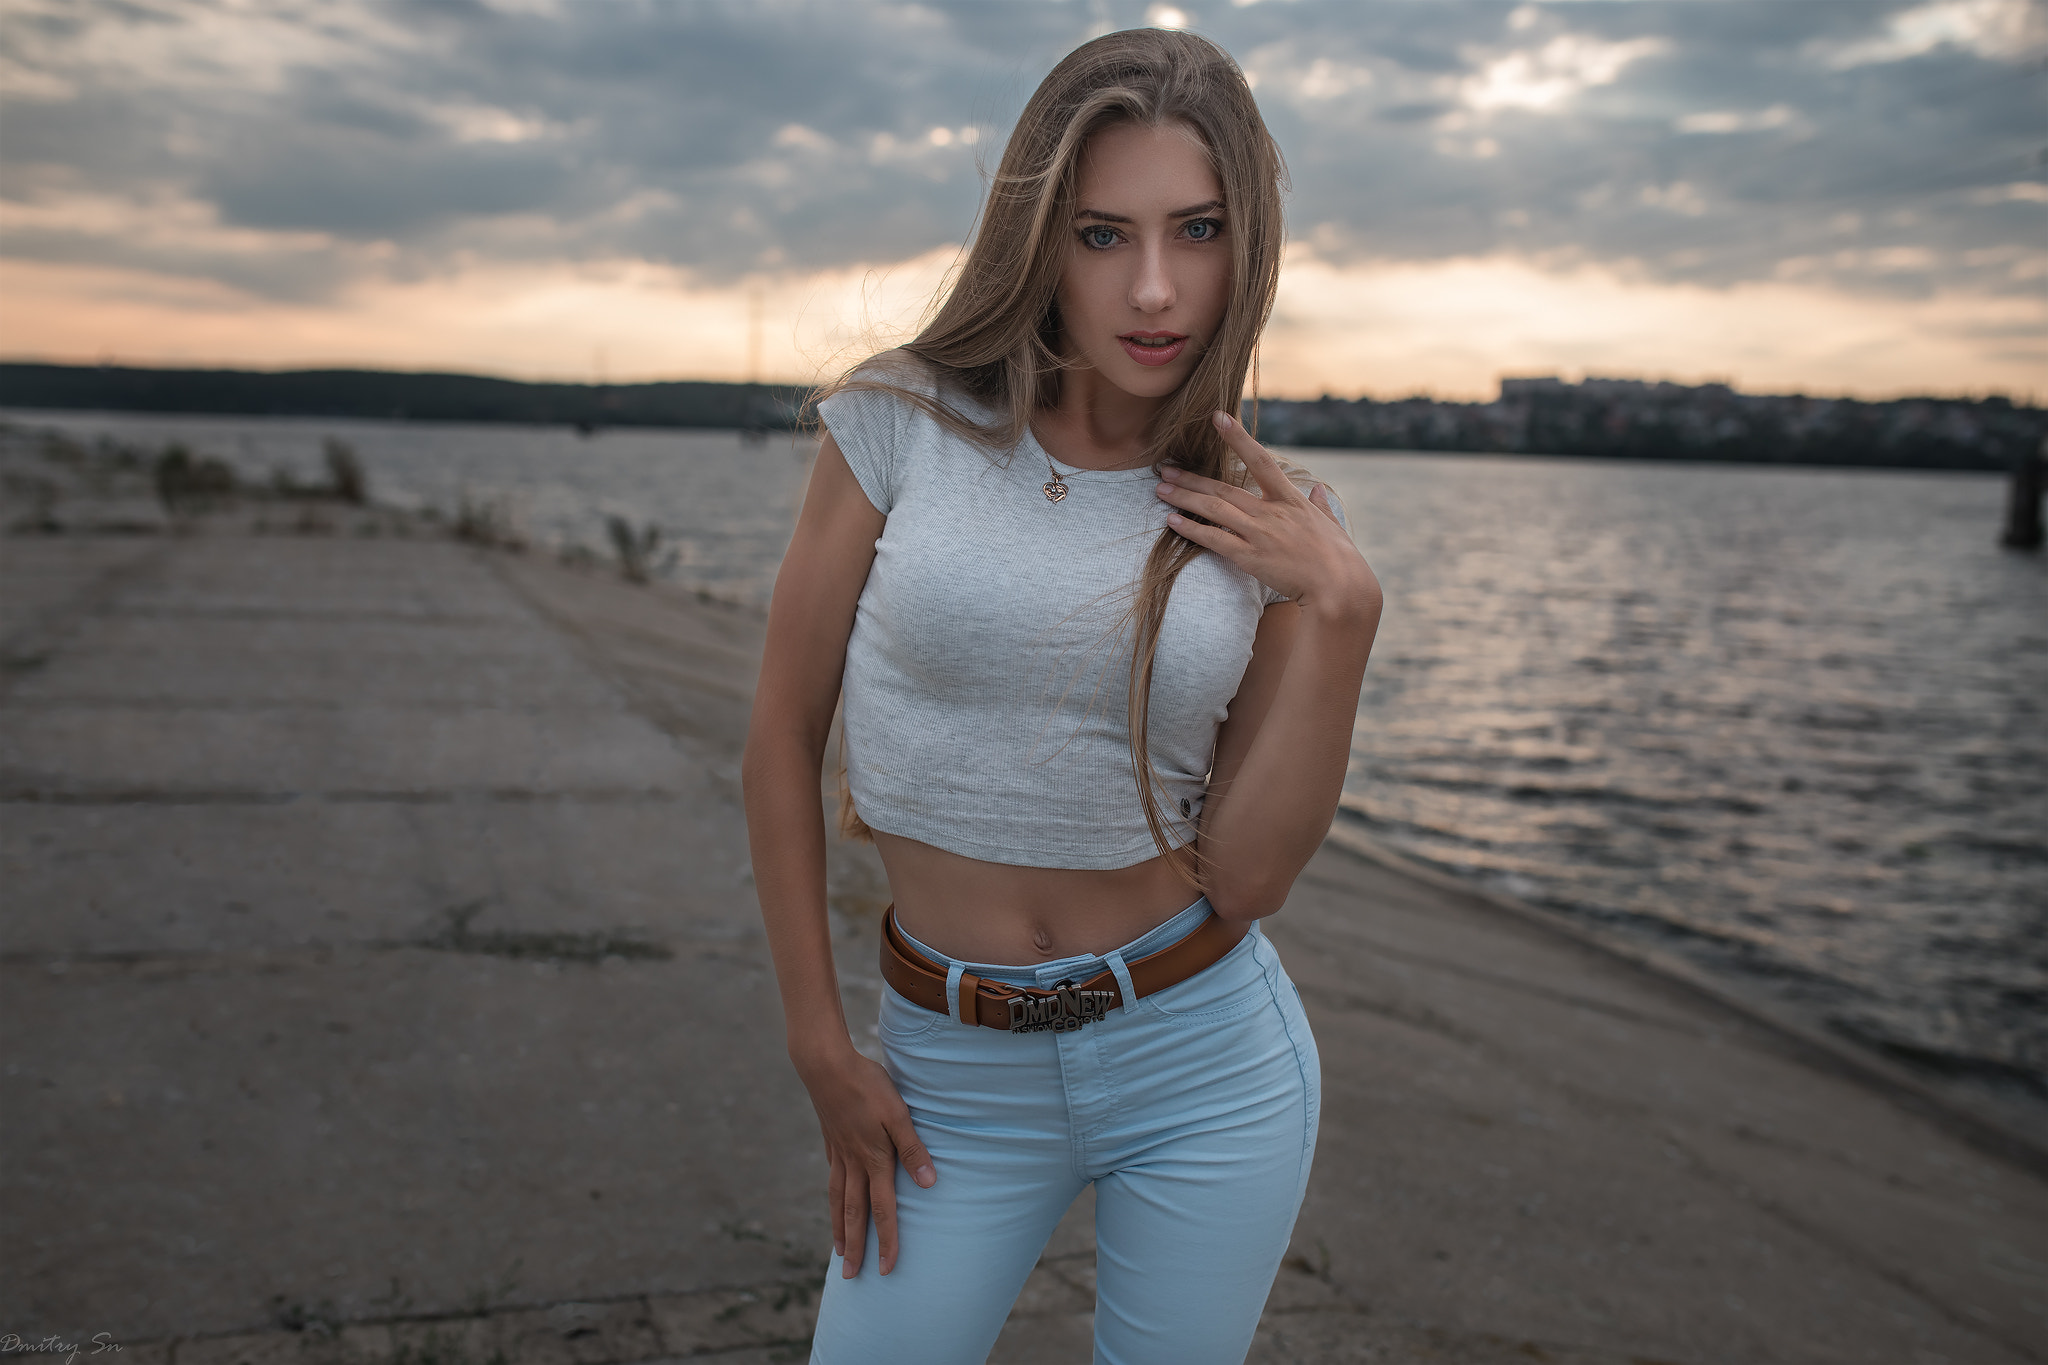 Αποτέλεσμα εικόνας για beautiful woman android